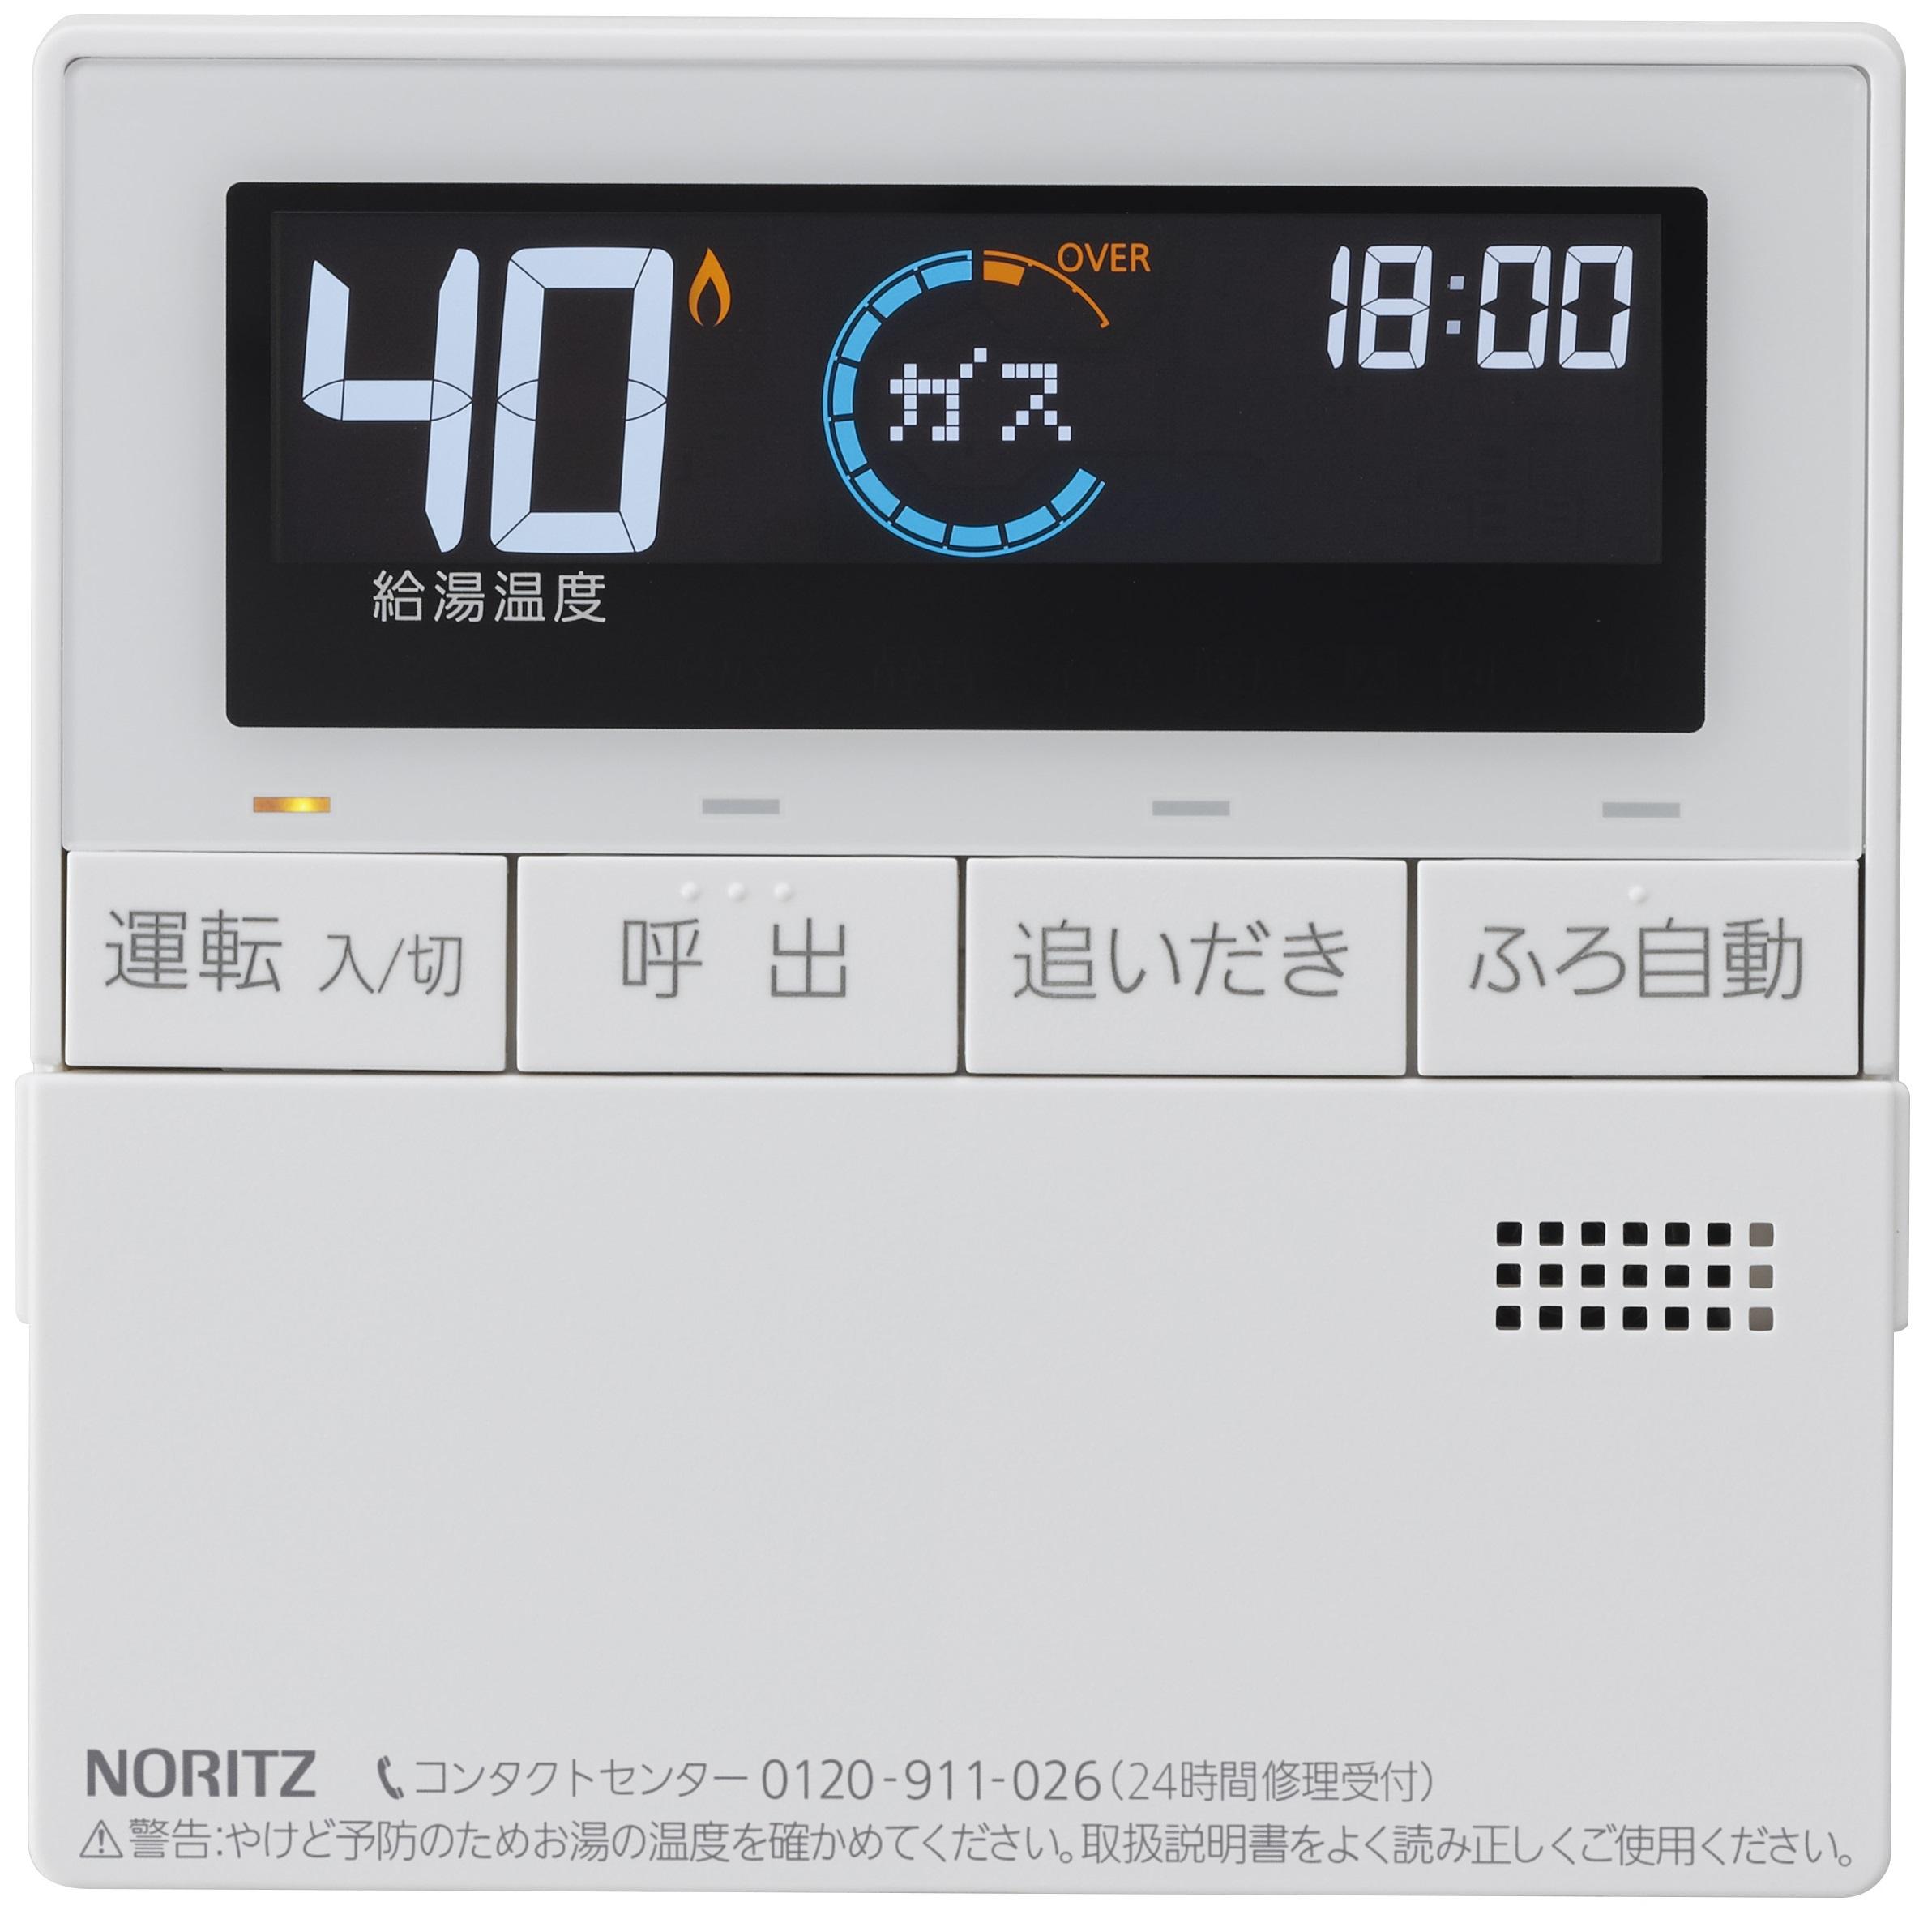 ノーリツ PS扉内設置型 暖房機能付(TESシステム)エコジョーズ